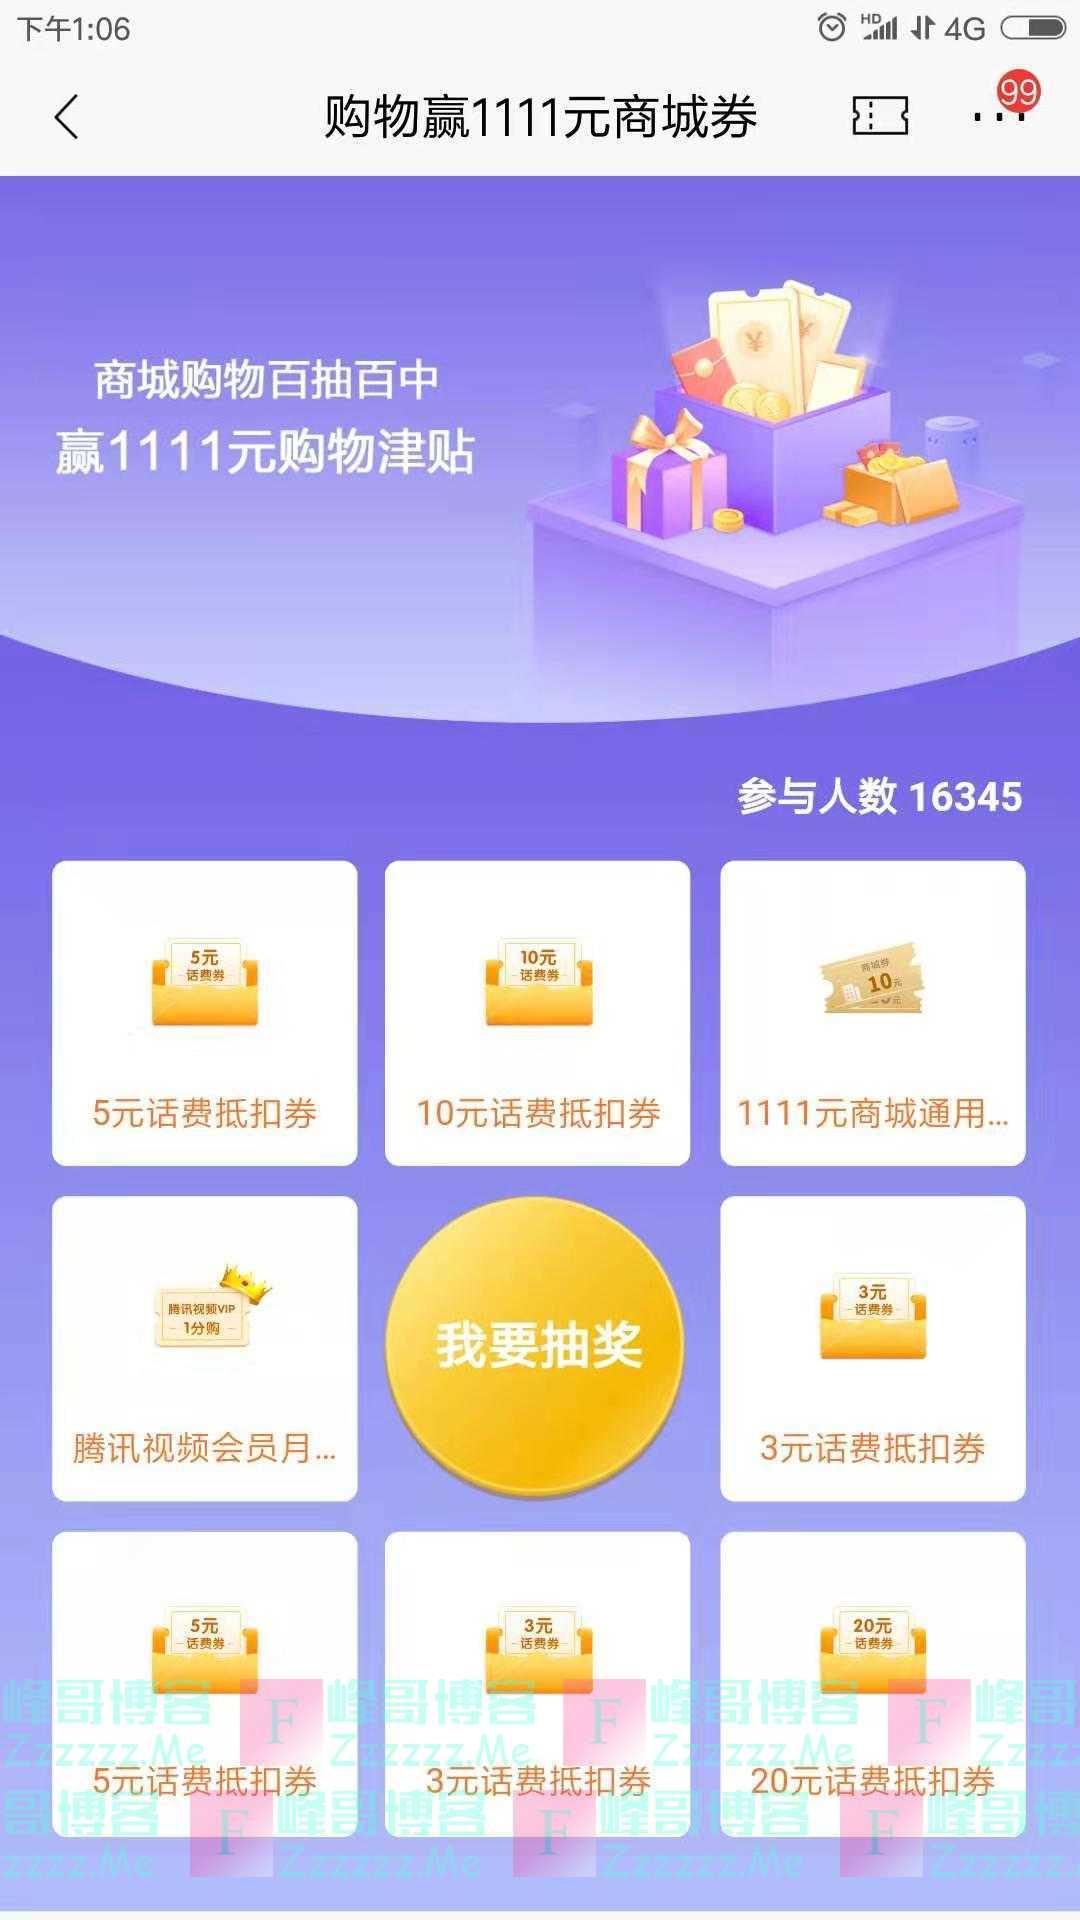 招行商城购物赢1111元商城券(截止11月30日)